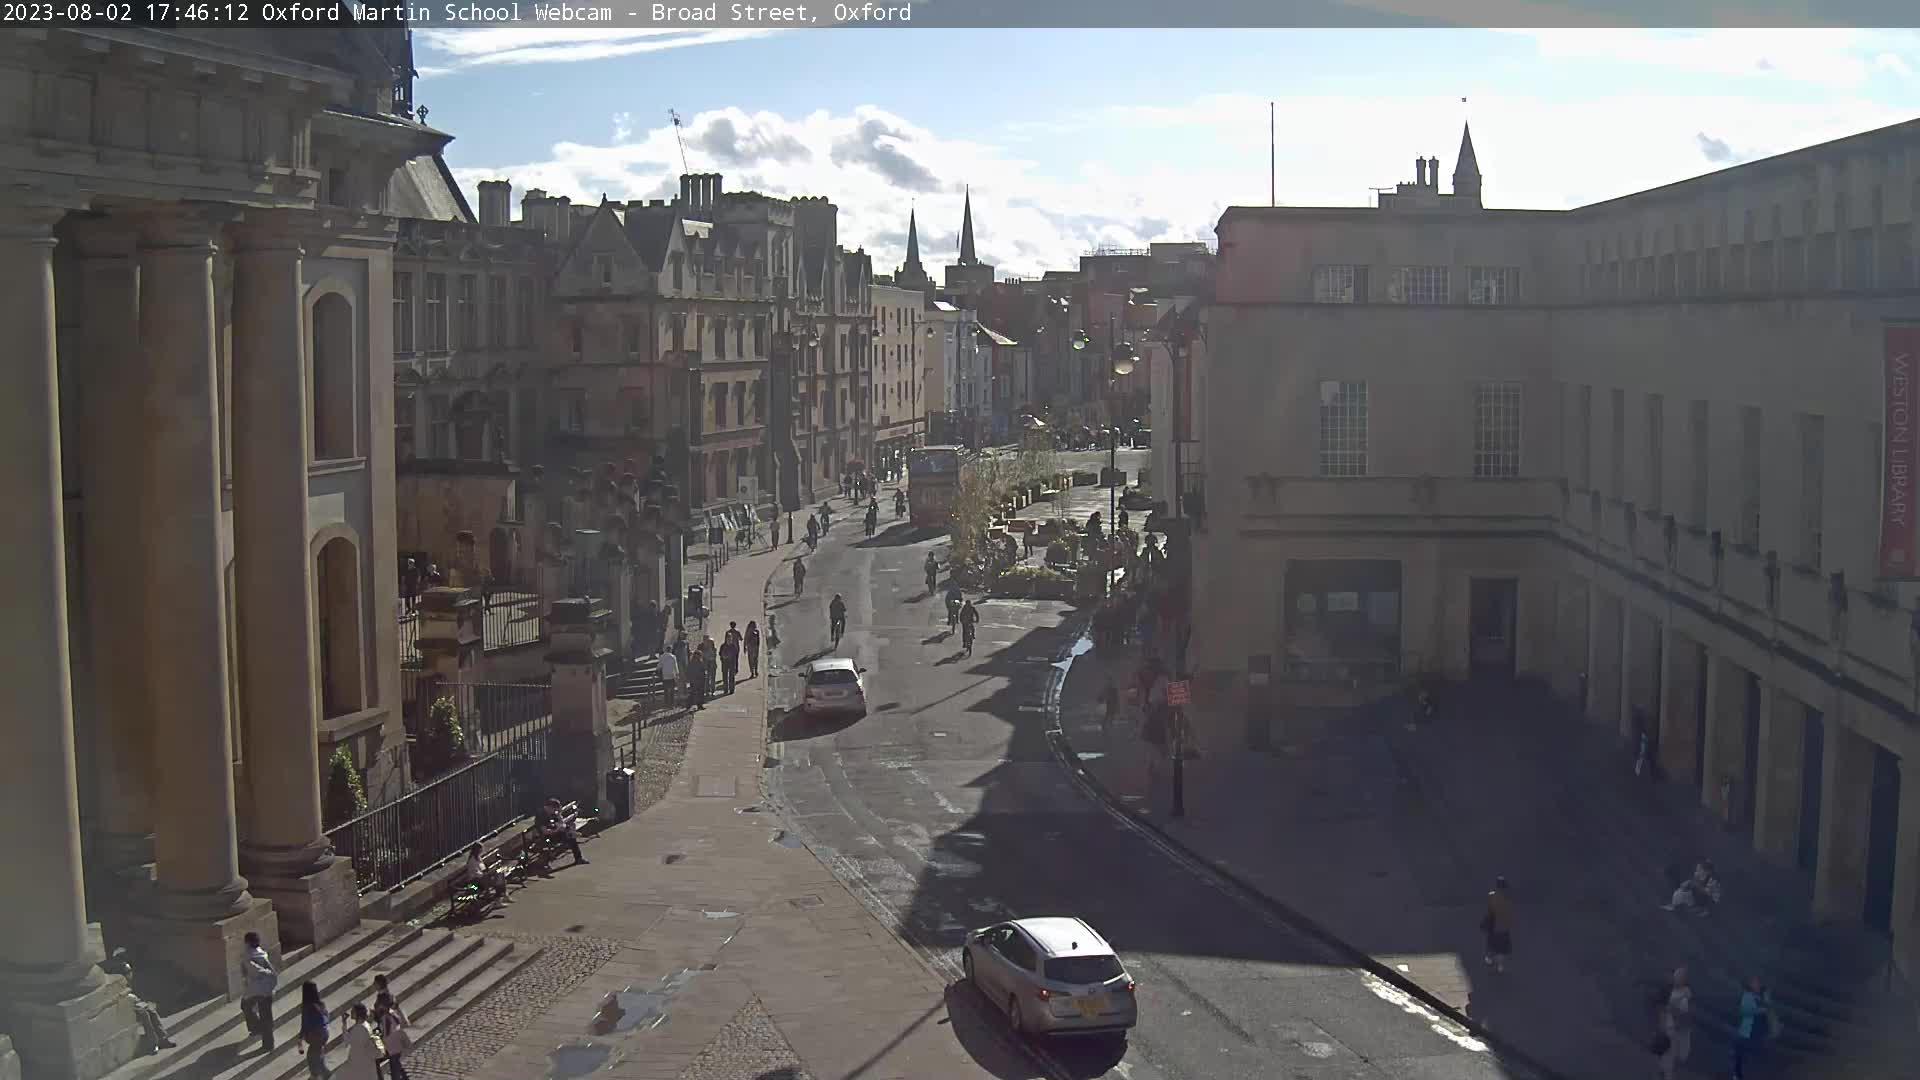 Oxford Sun. 17:46